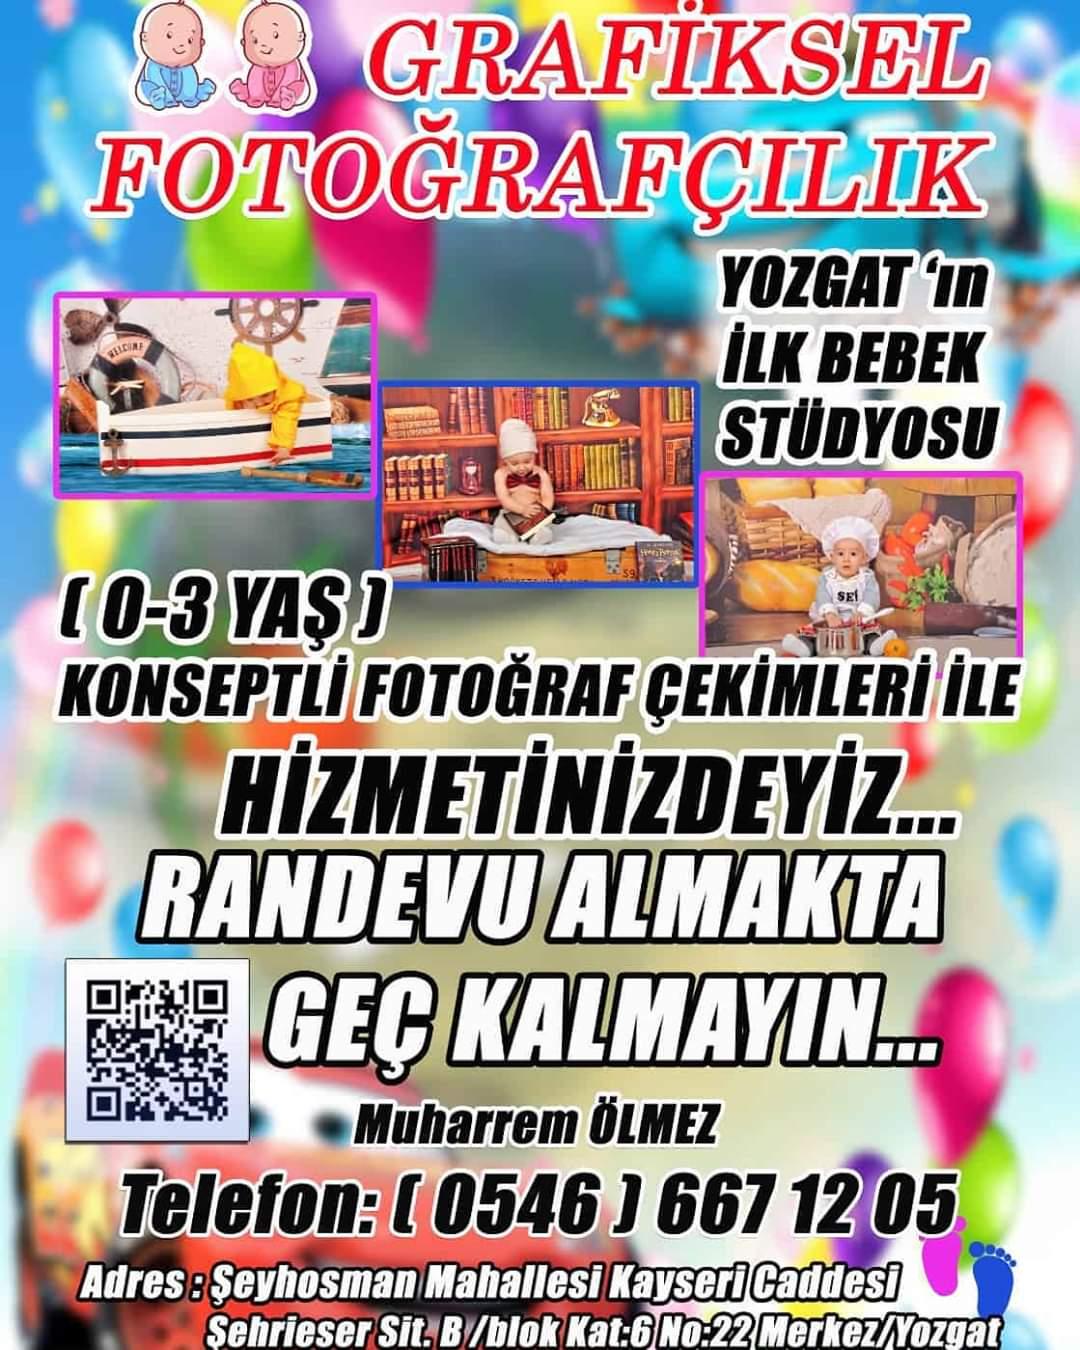 Grafiksel Fotoğrafçılık YOZGAT'da Açıldı